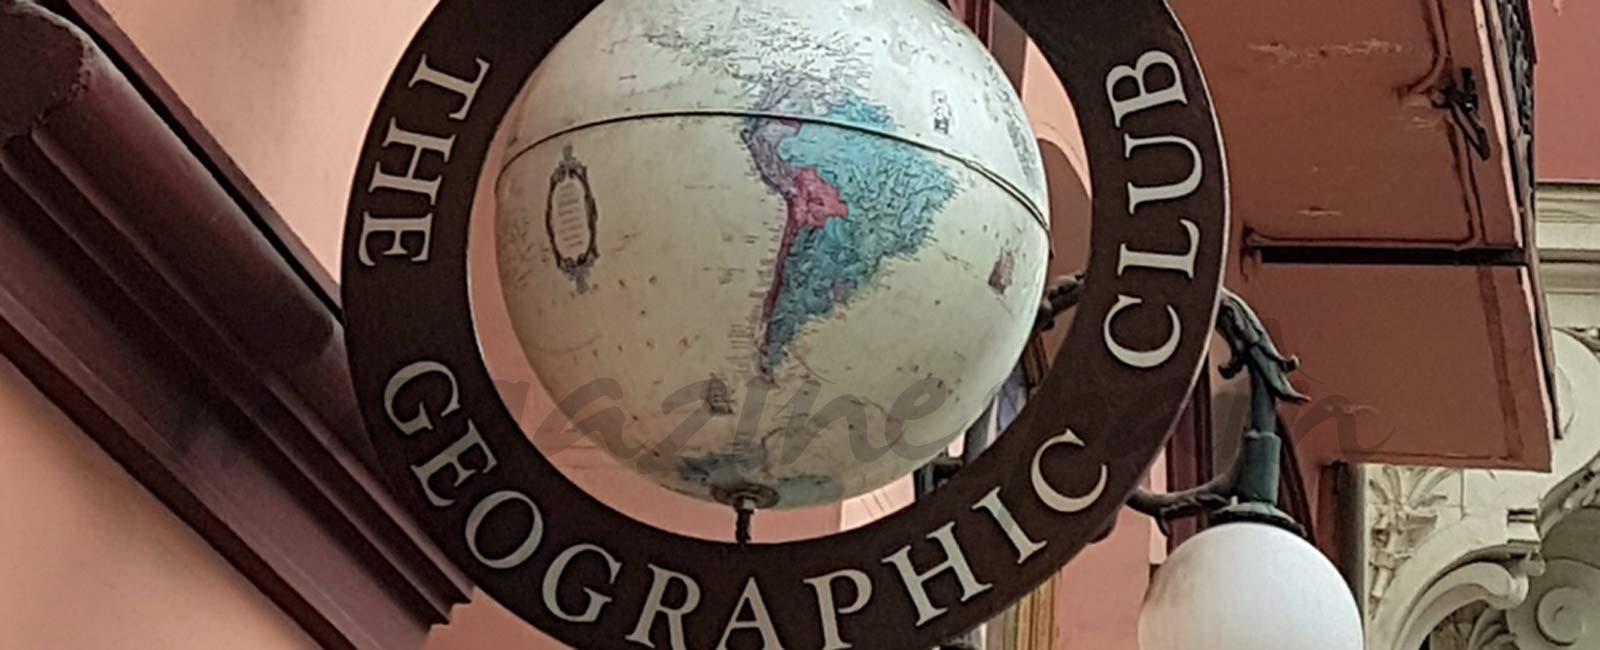 The Geographic Club, viaje a la cocina mediterránea